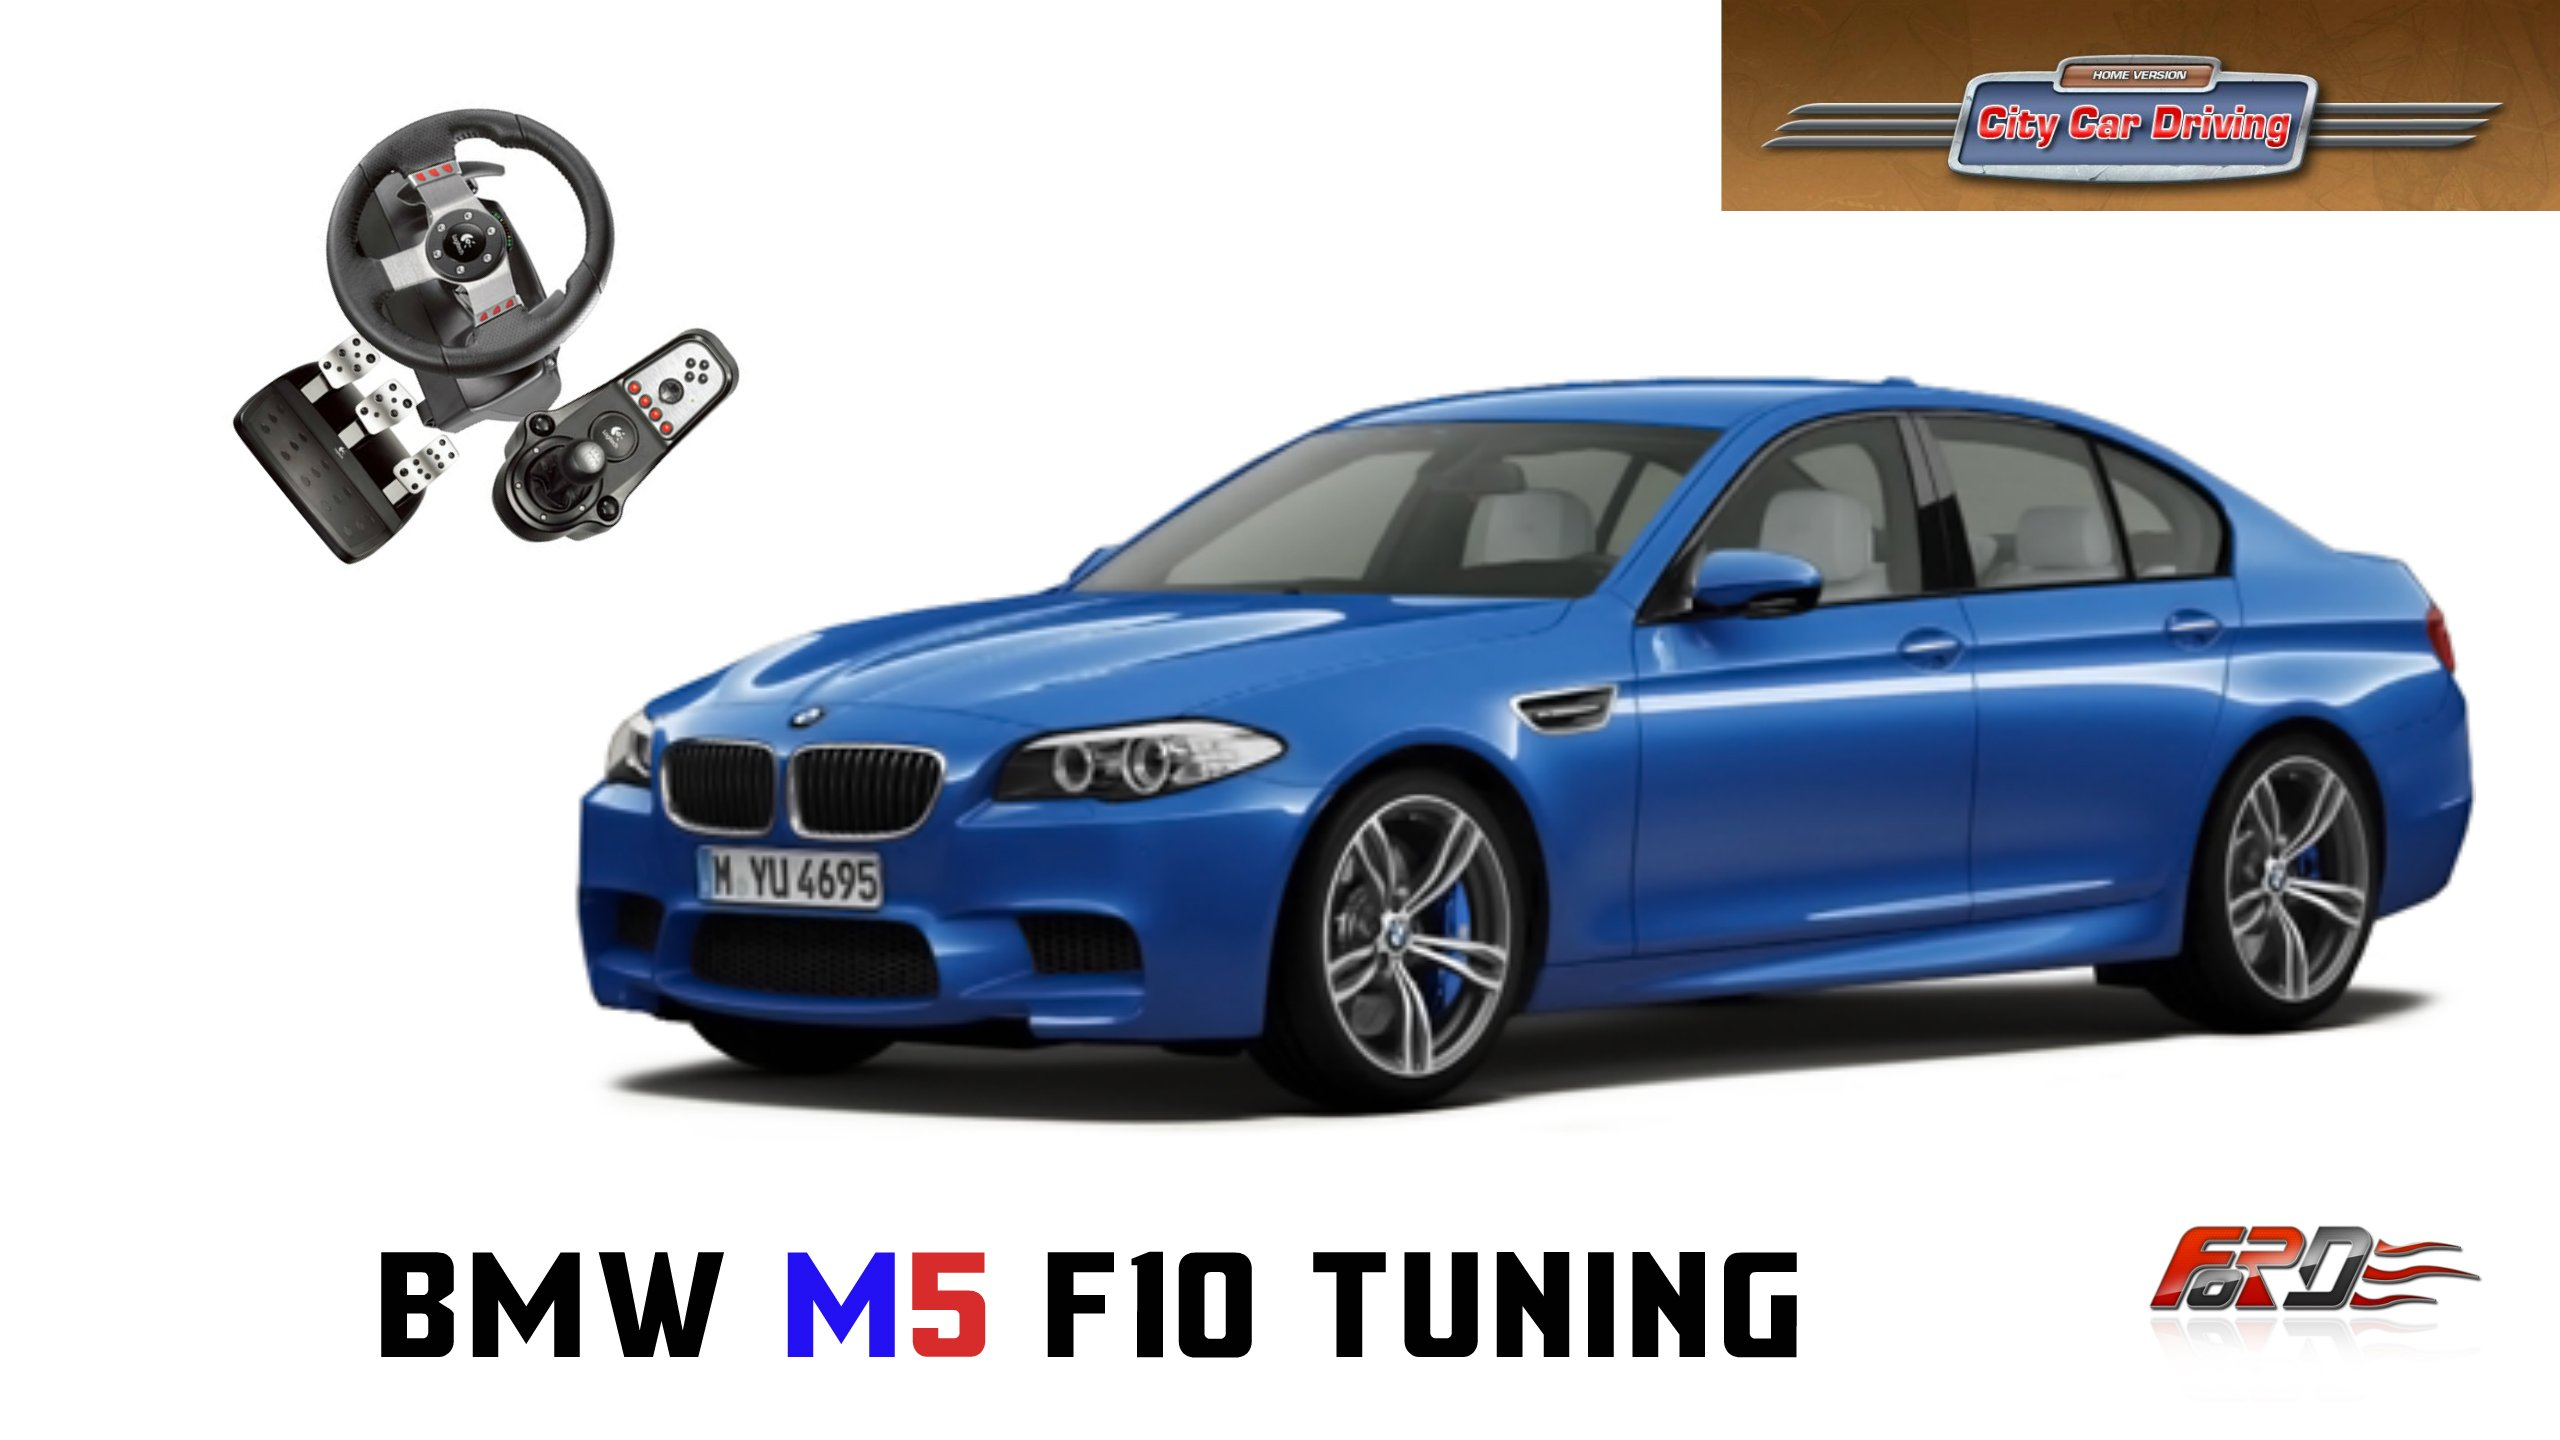 BMW M5 F10 Vossen tuning - тест-драйв, обзор самой мощной BMW M5 в City Car Driving - Изображение 1